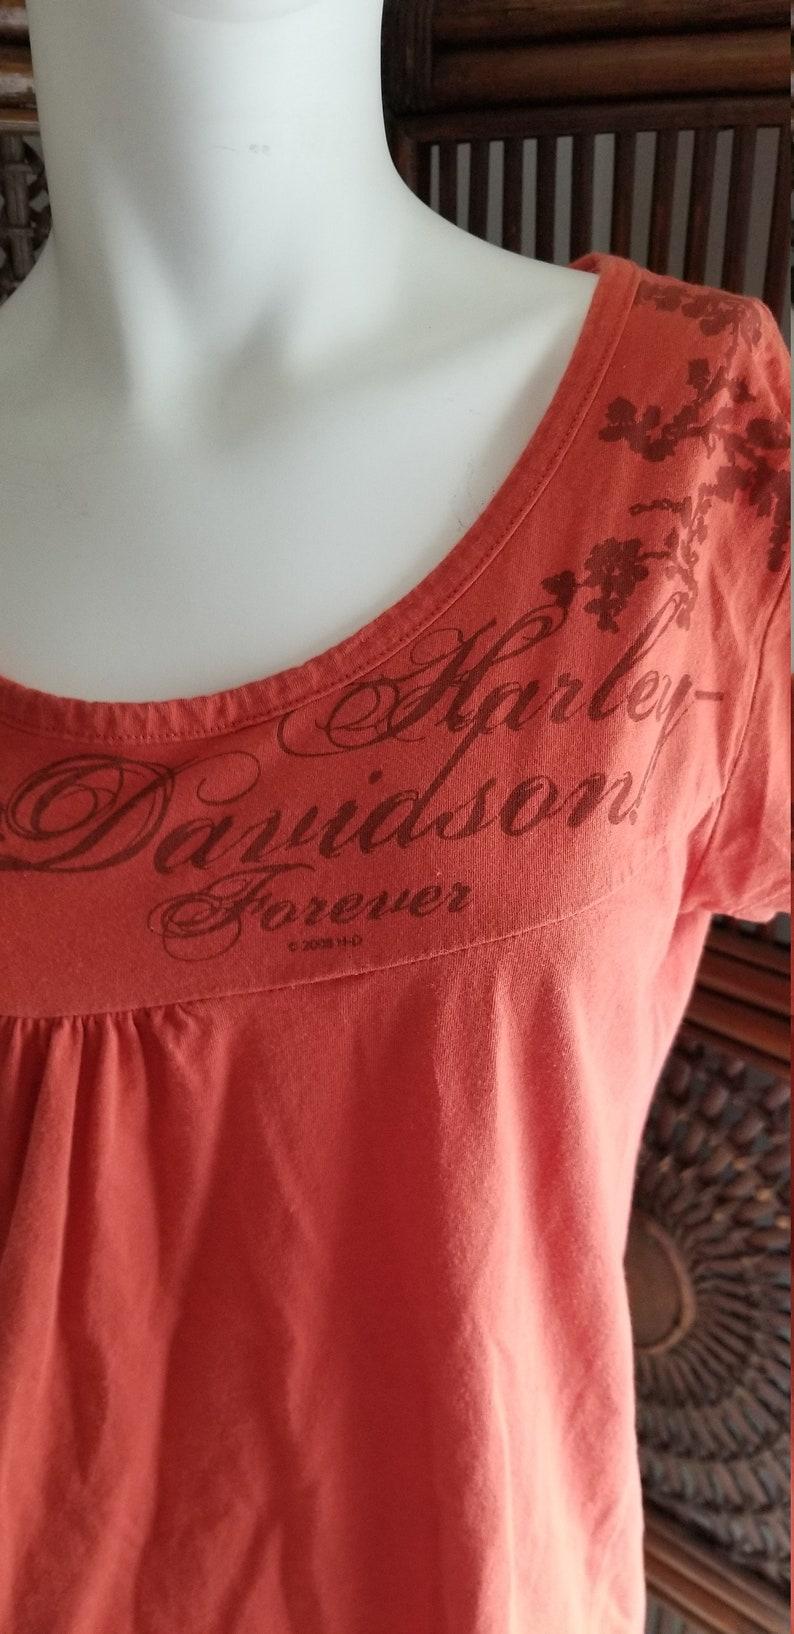 Ladies Harley Davidson Tshirt large